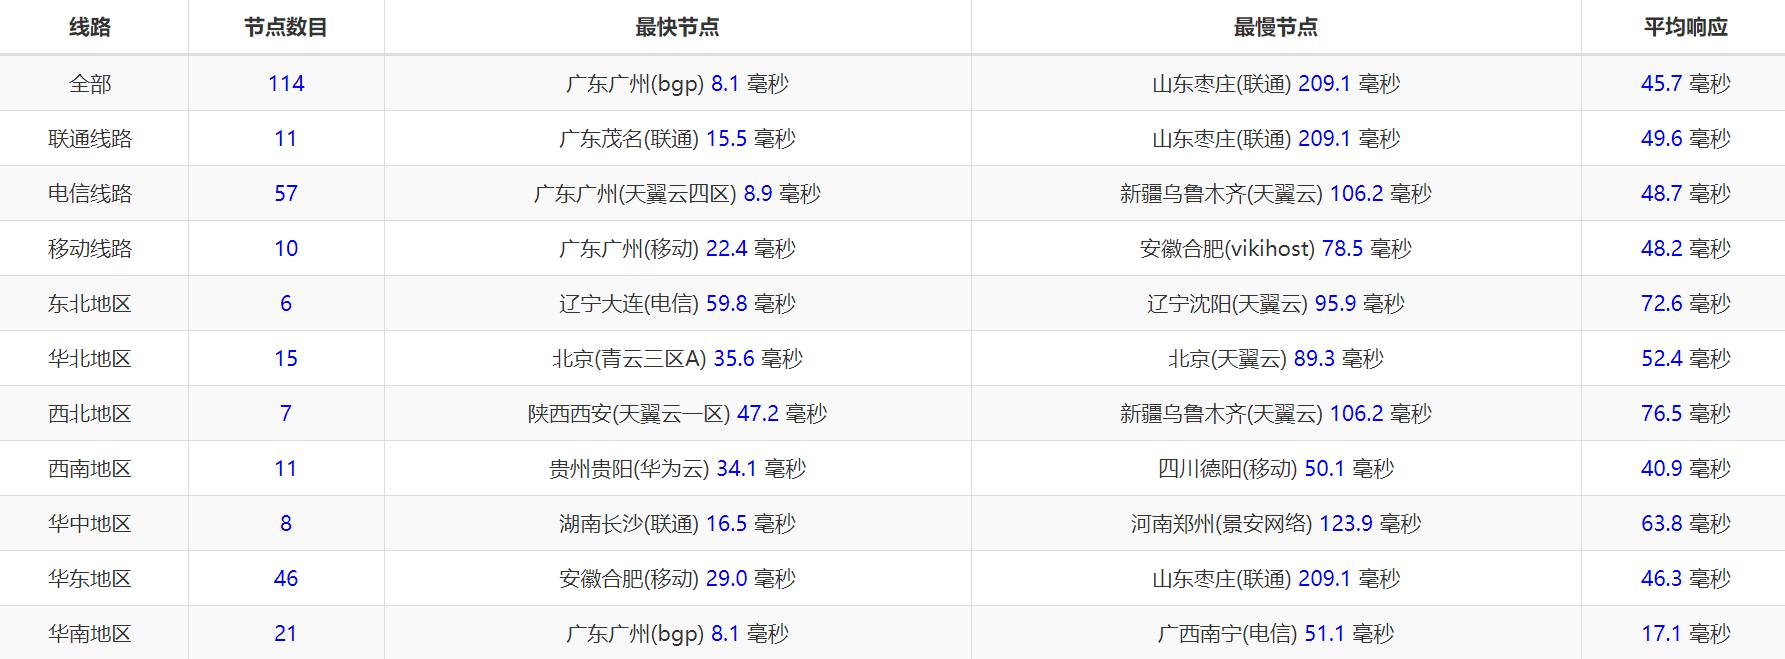 【UOvZ】香港沙田 KVM / 年付 ¥510 / 1C1G / 20G + 60G / 100 Mbps / 500G / 少量补货可选月付